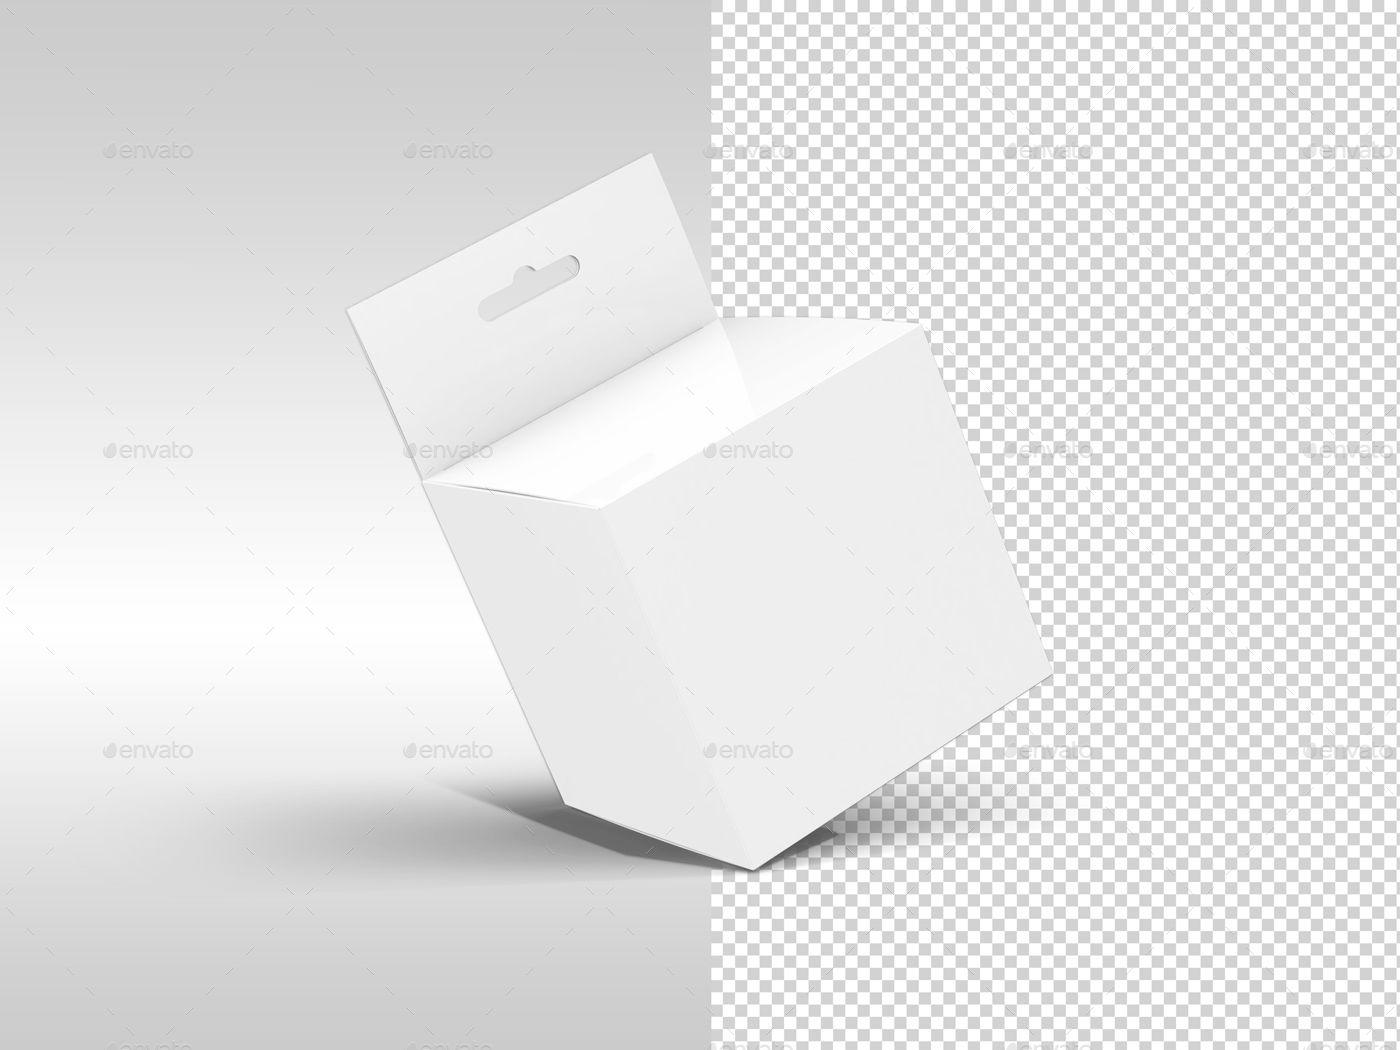 Download Hanging Square Box Mockups V1 Square Hanging Box Mockups Box Mockup Box Packaging Design Packaging Design